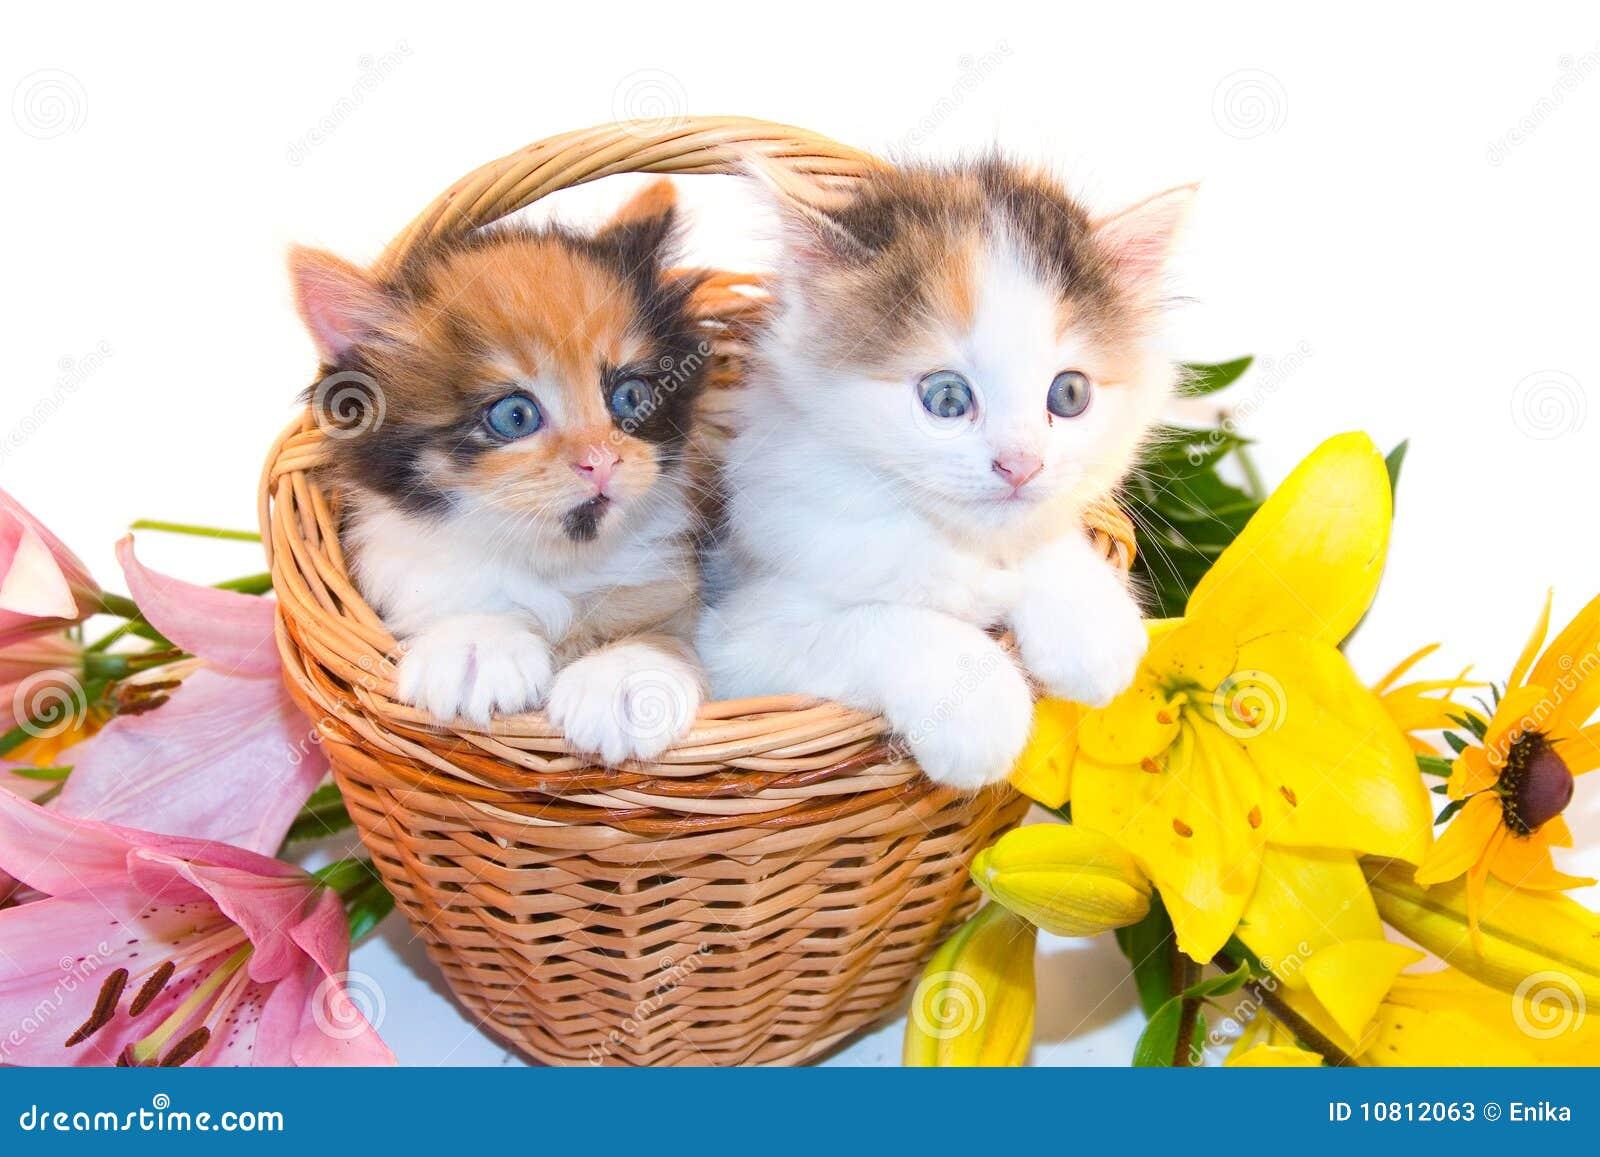 Piccoli gattini in cestino e fiori immagine stock for I gattini piccoli